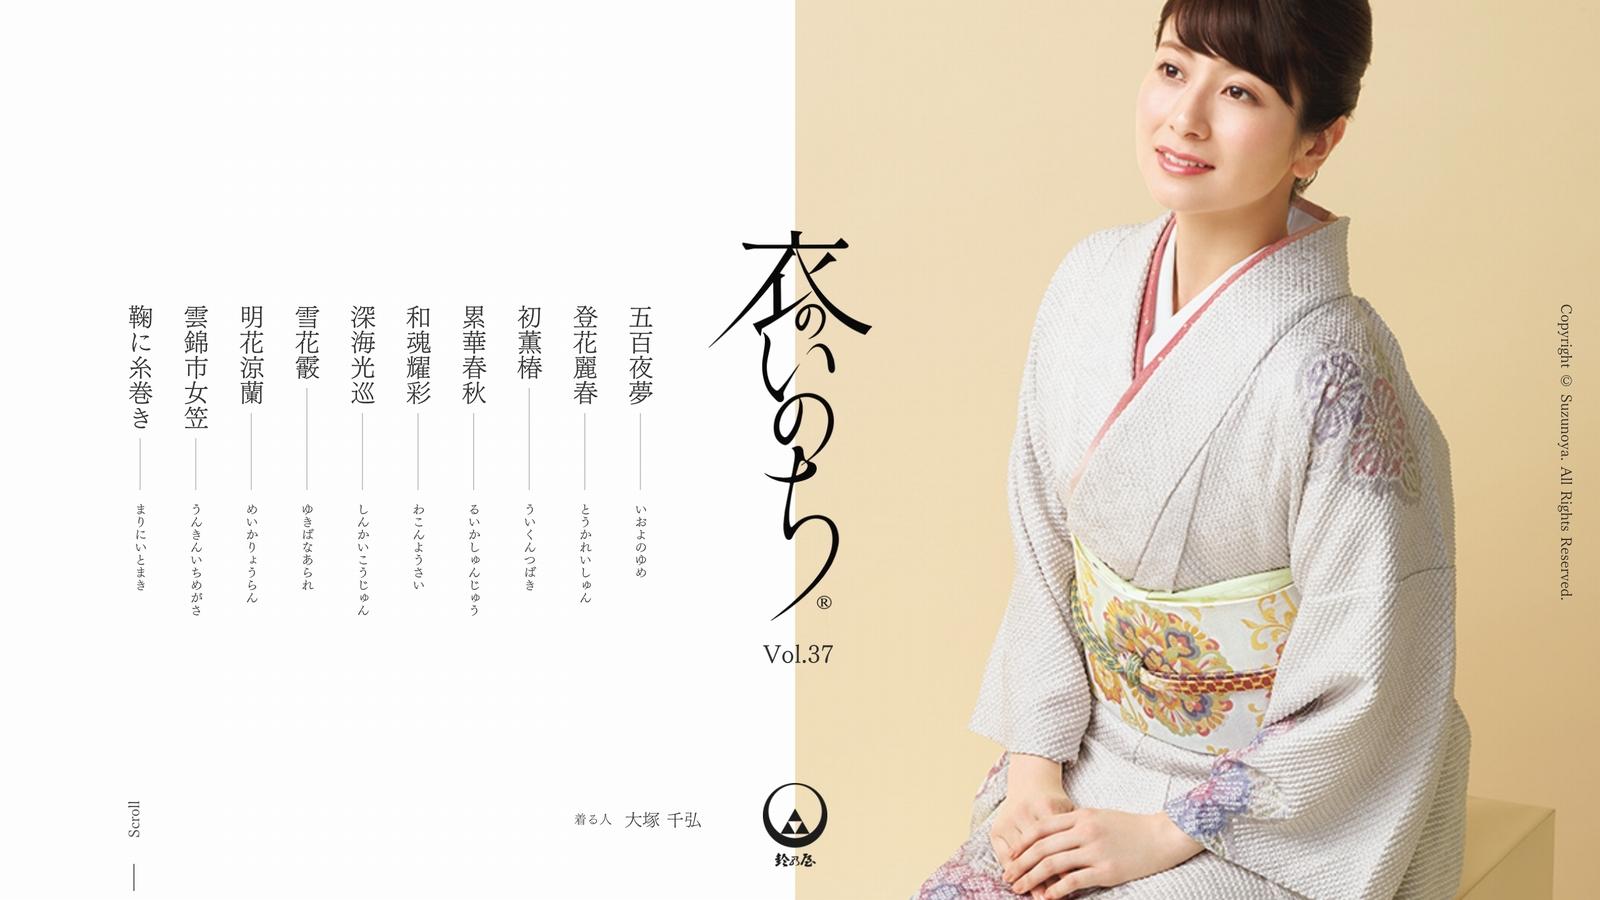 https://news.mynavi.jp/itsearch/2017/08/21/006kinuno_top_1600_900.jpg